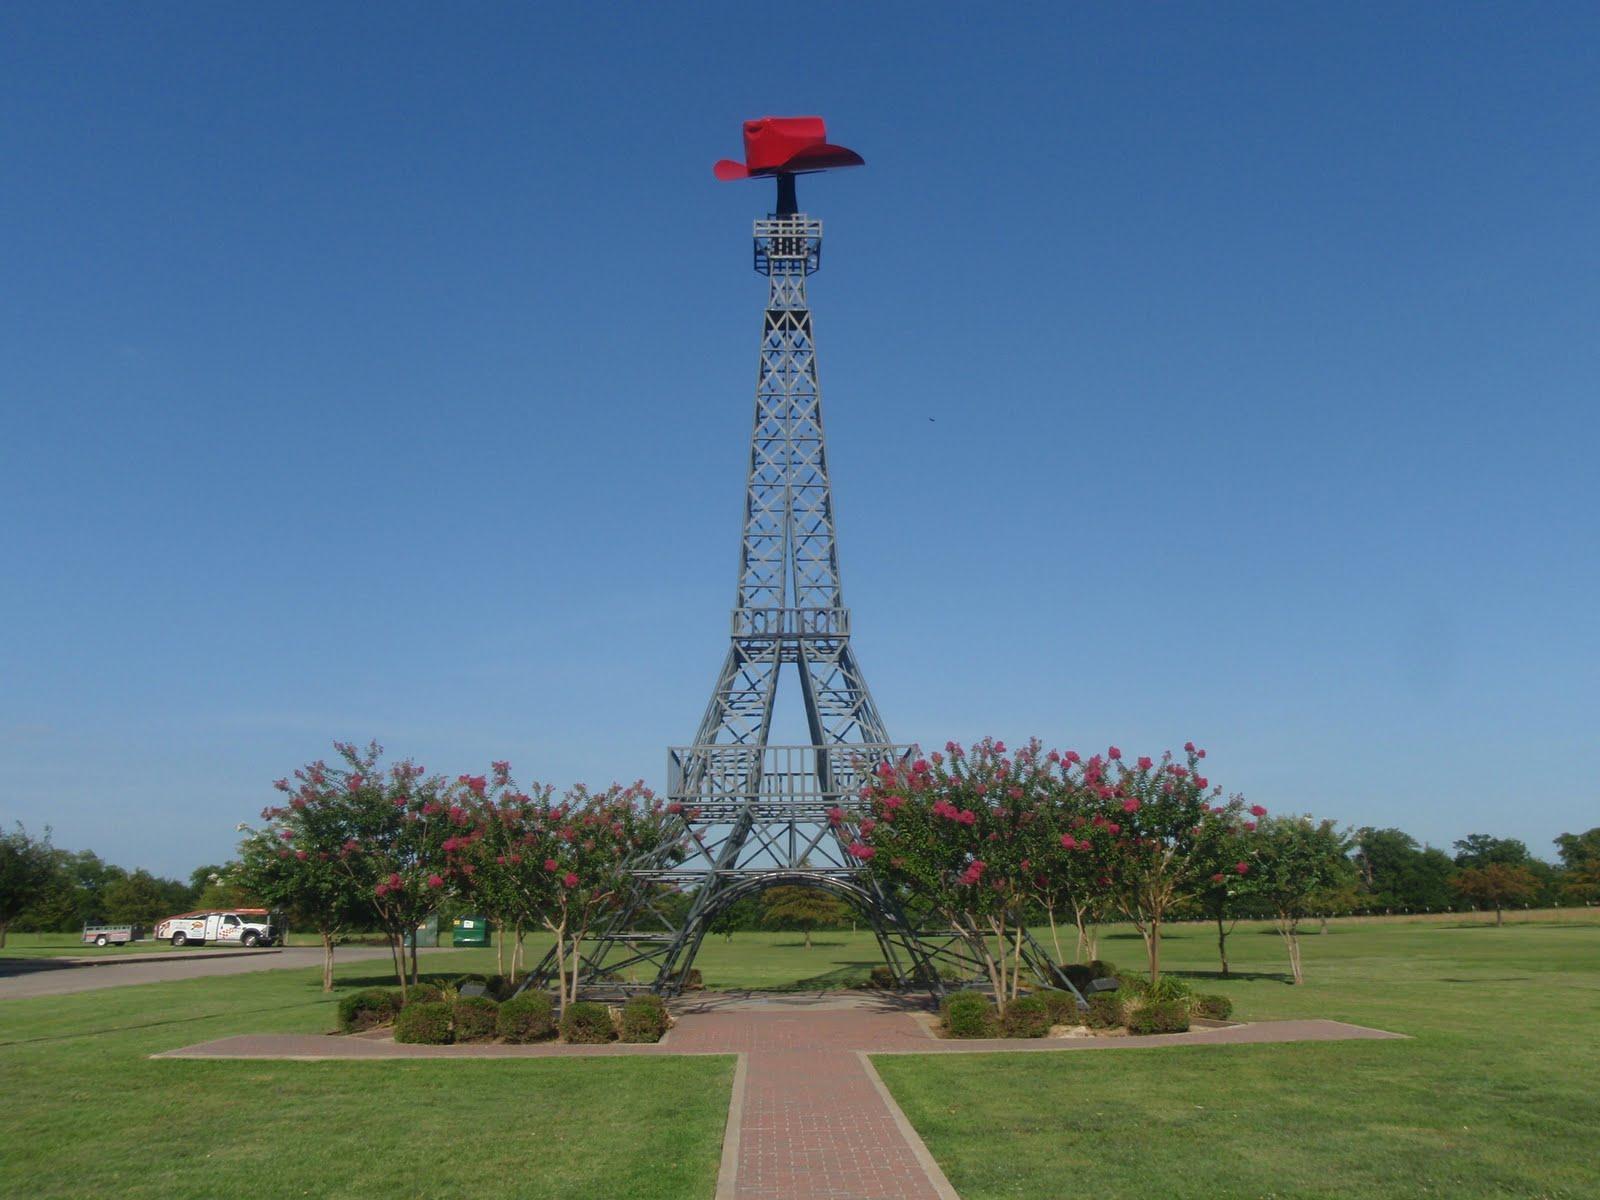 eiffel-tower-paris-texas-2013.jpg